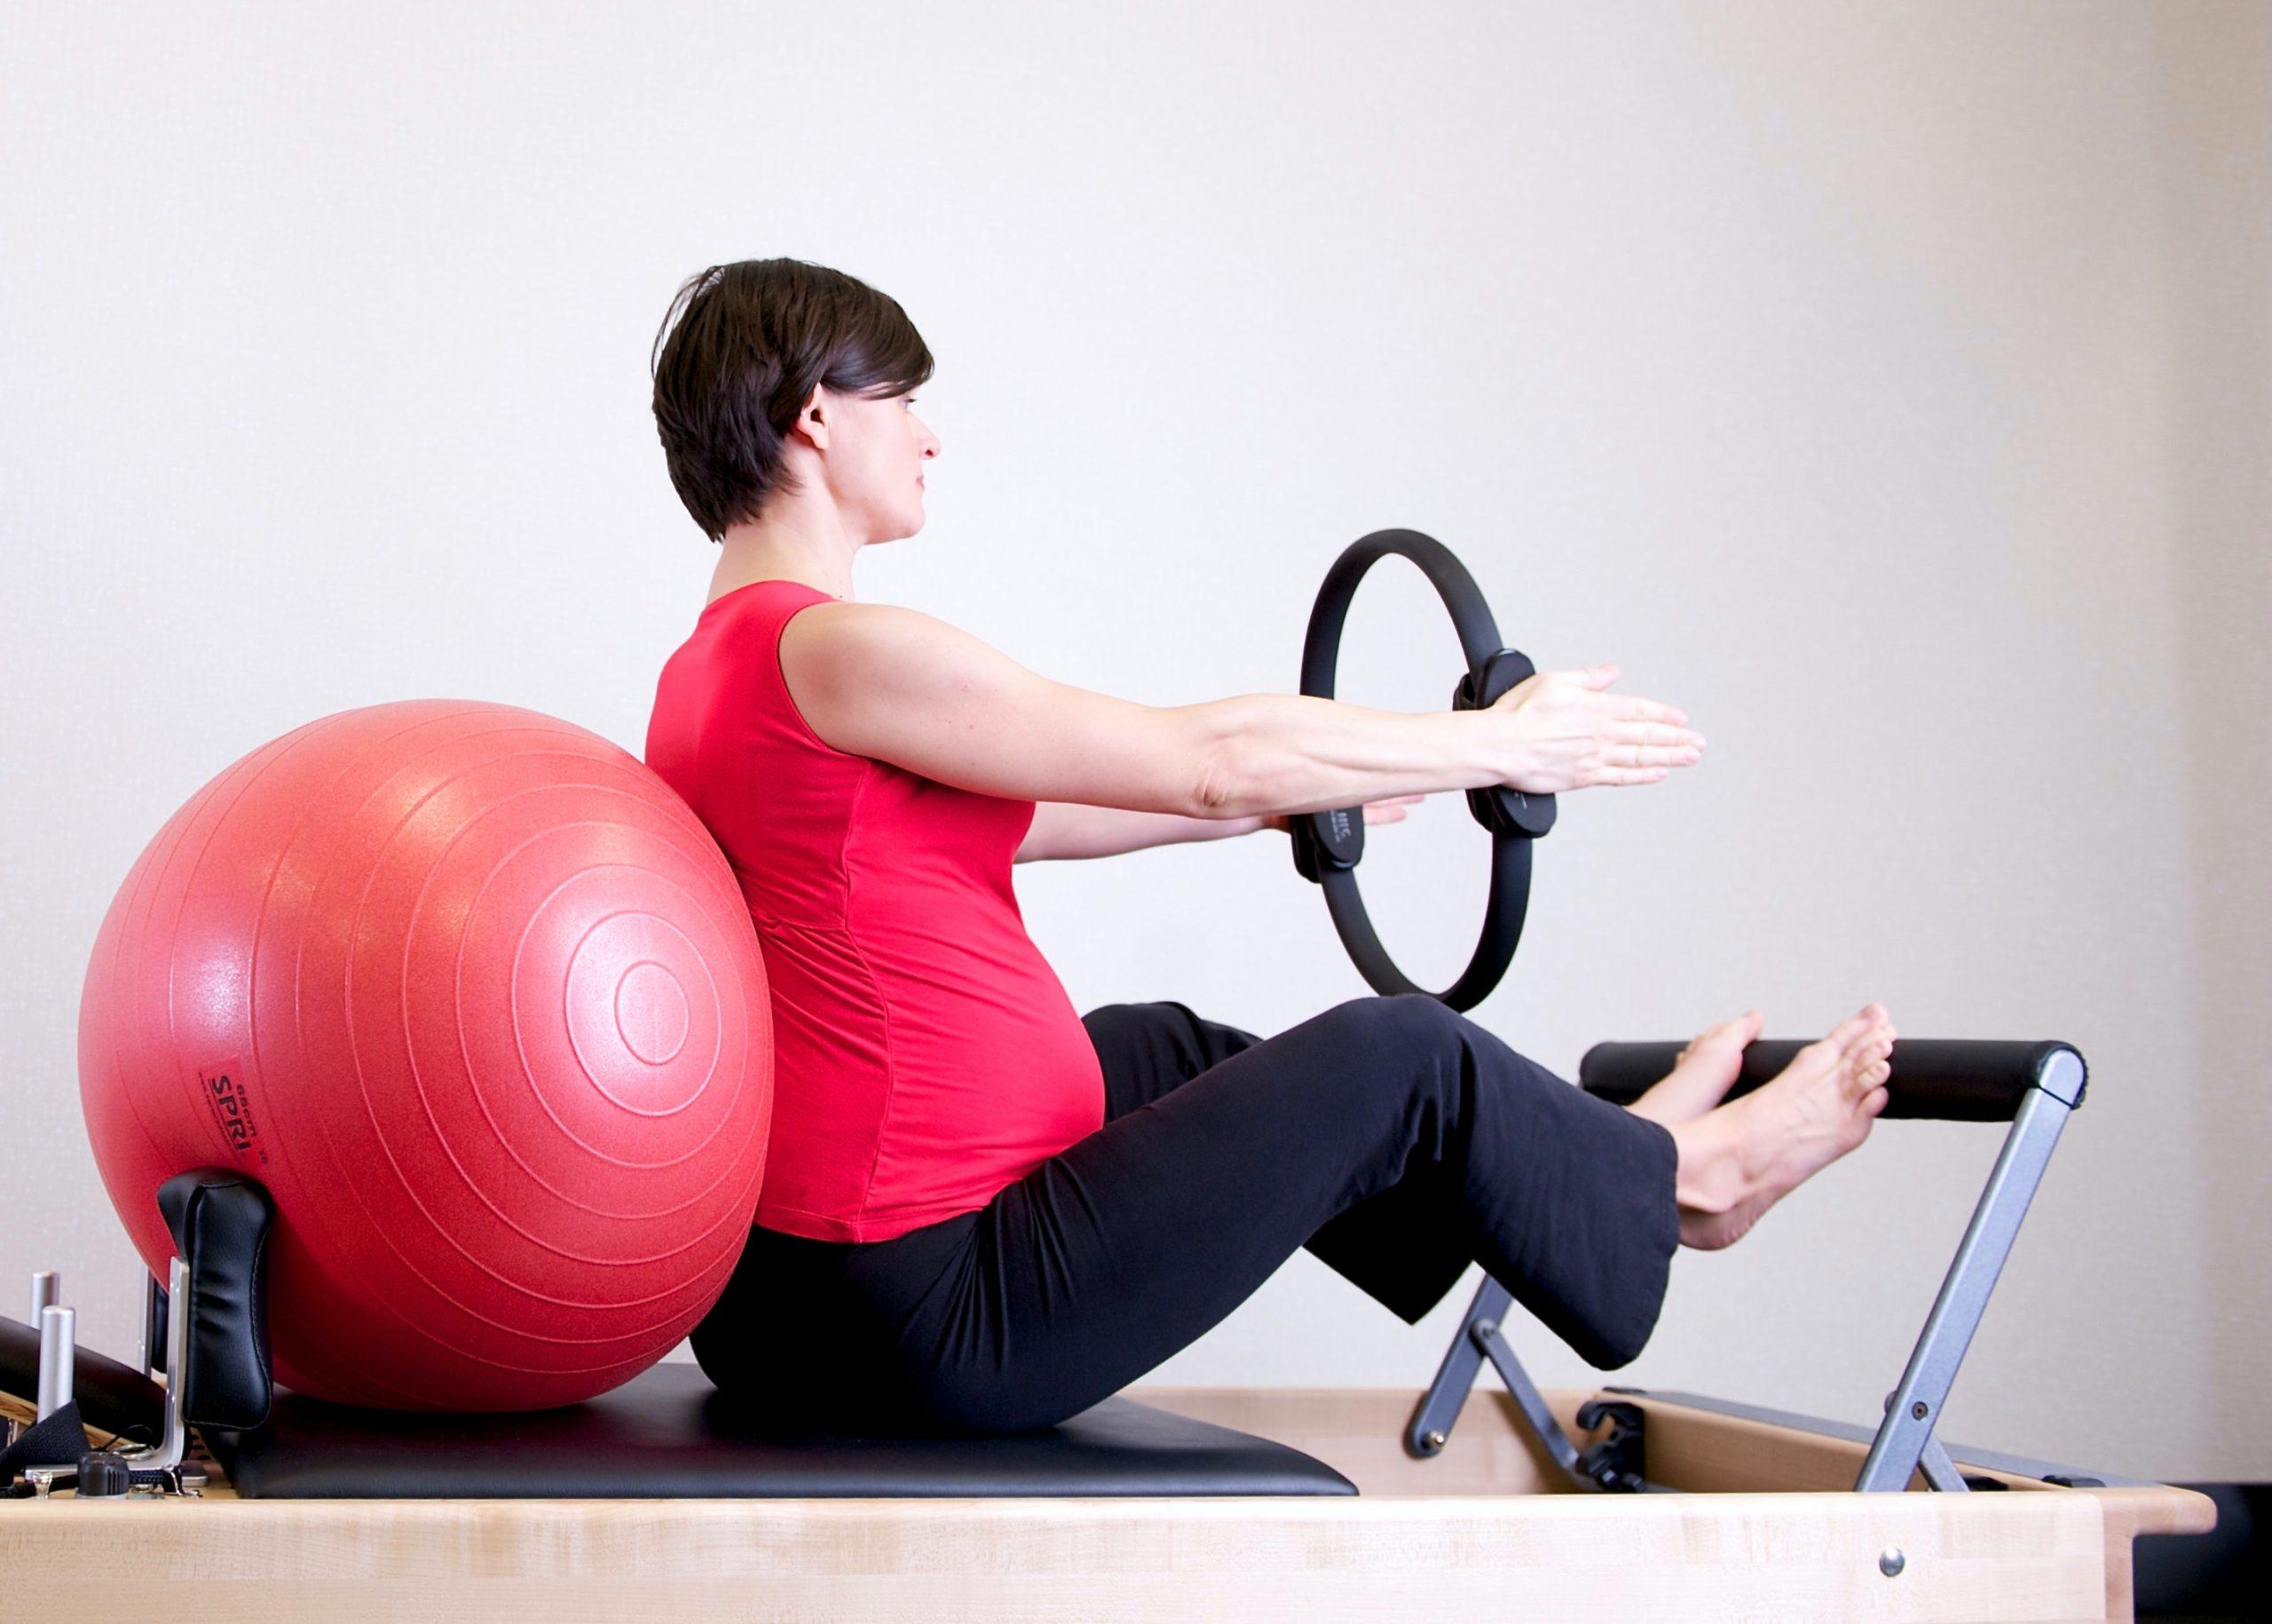 Imagem de uma mulher grávida fazendo pilates.